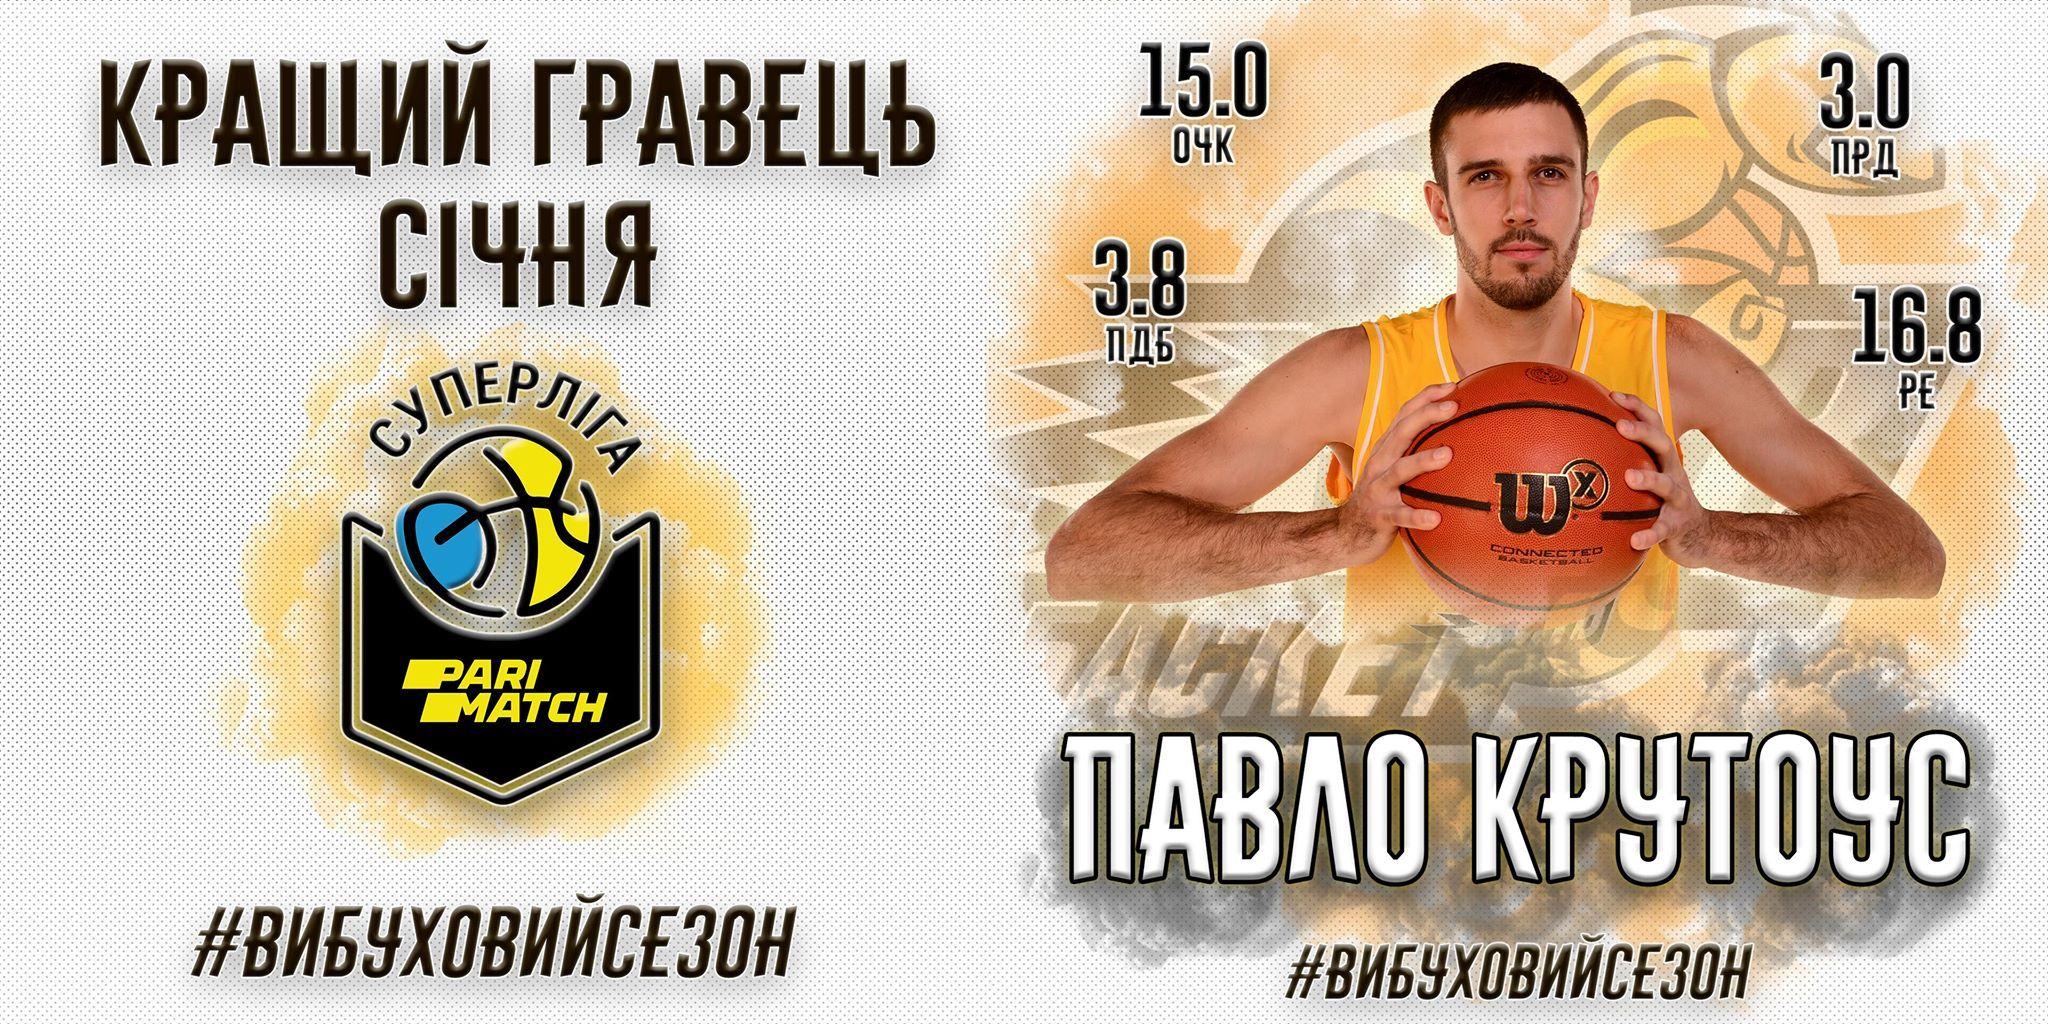 Найціннішим гравцем січня у Суперлізі Парі-матч став баскетболіст збірної України